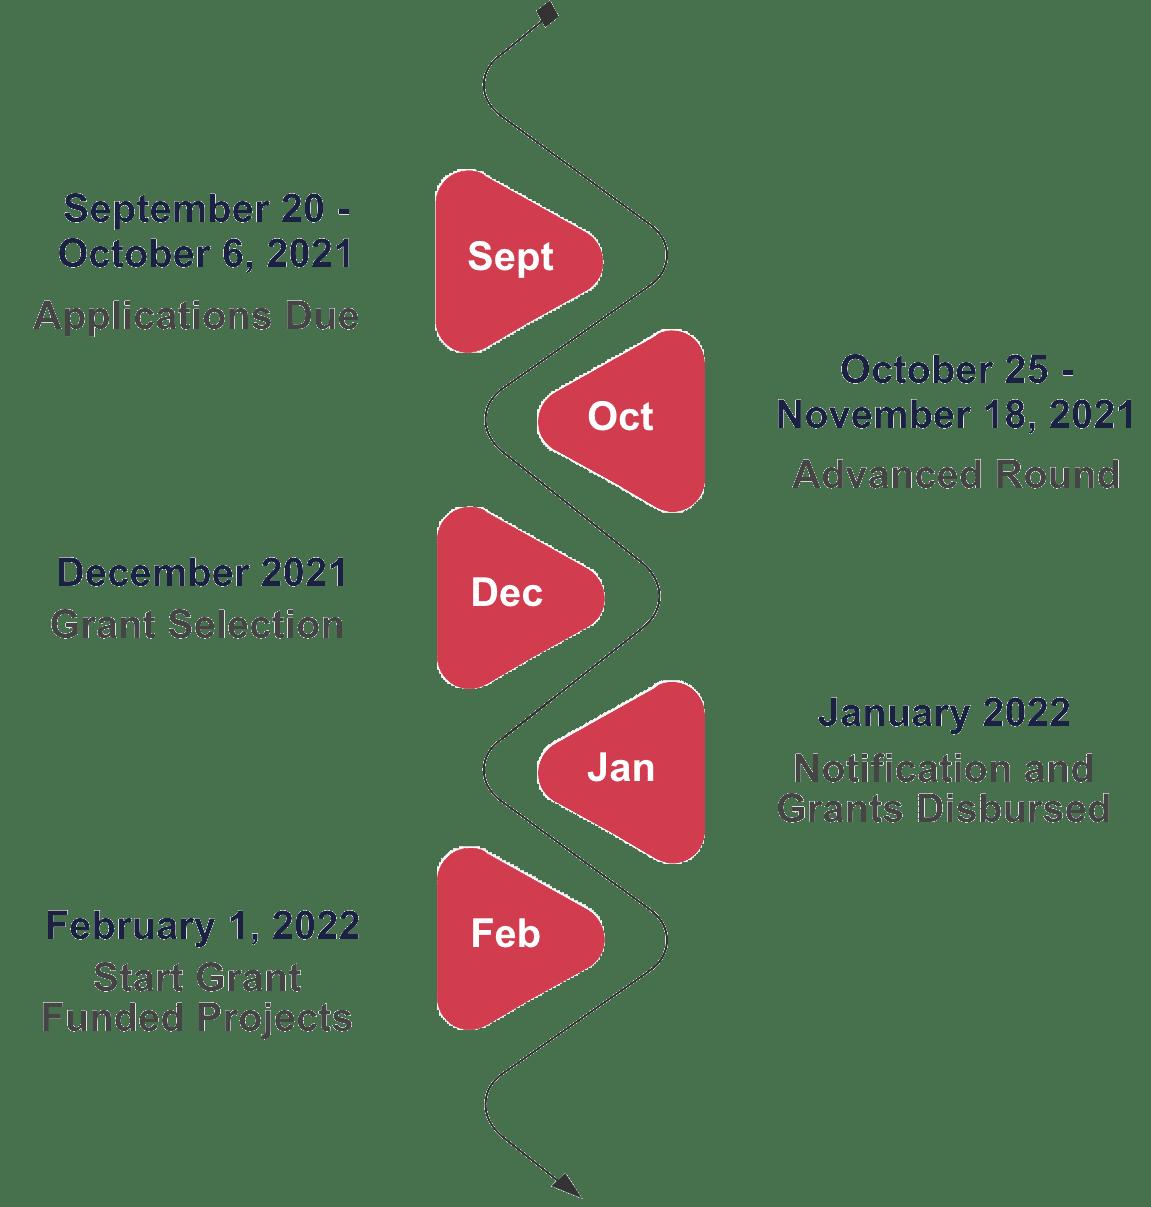 Timeline of UCF grants